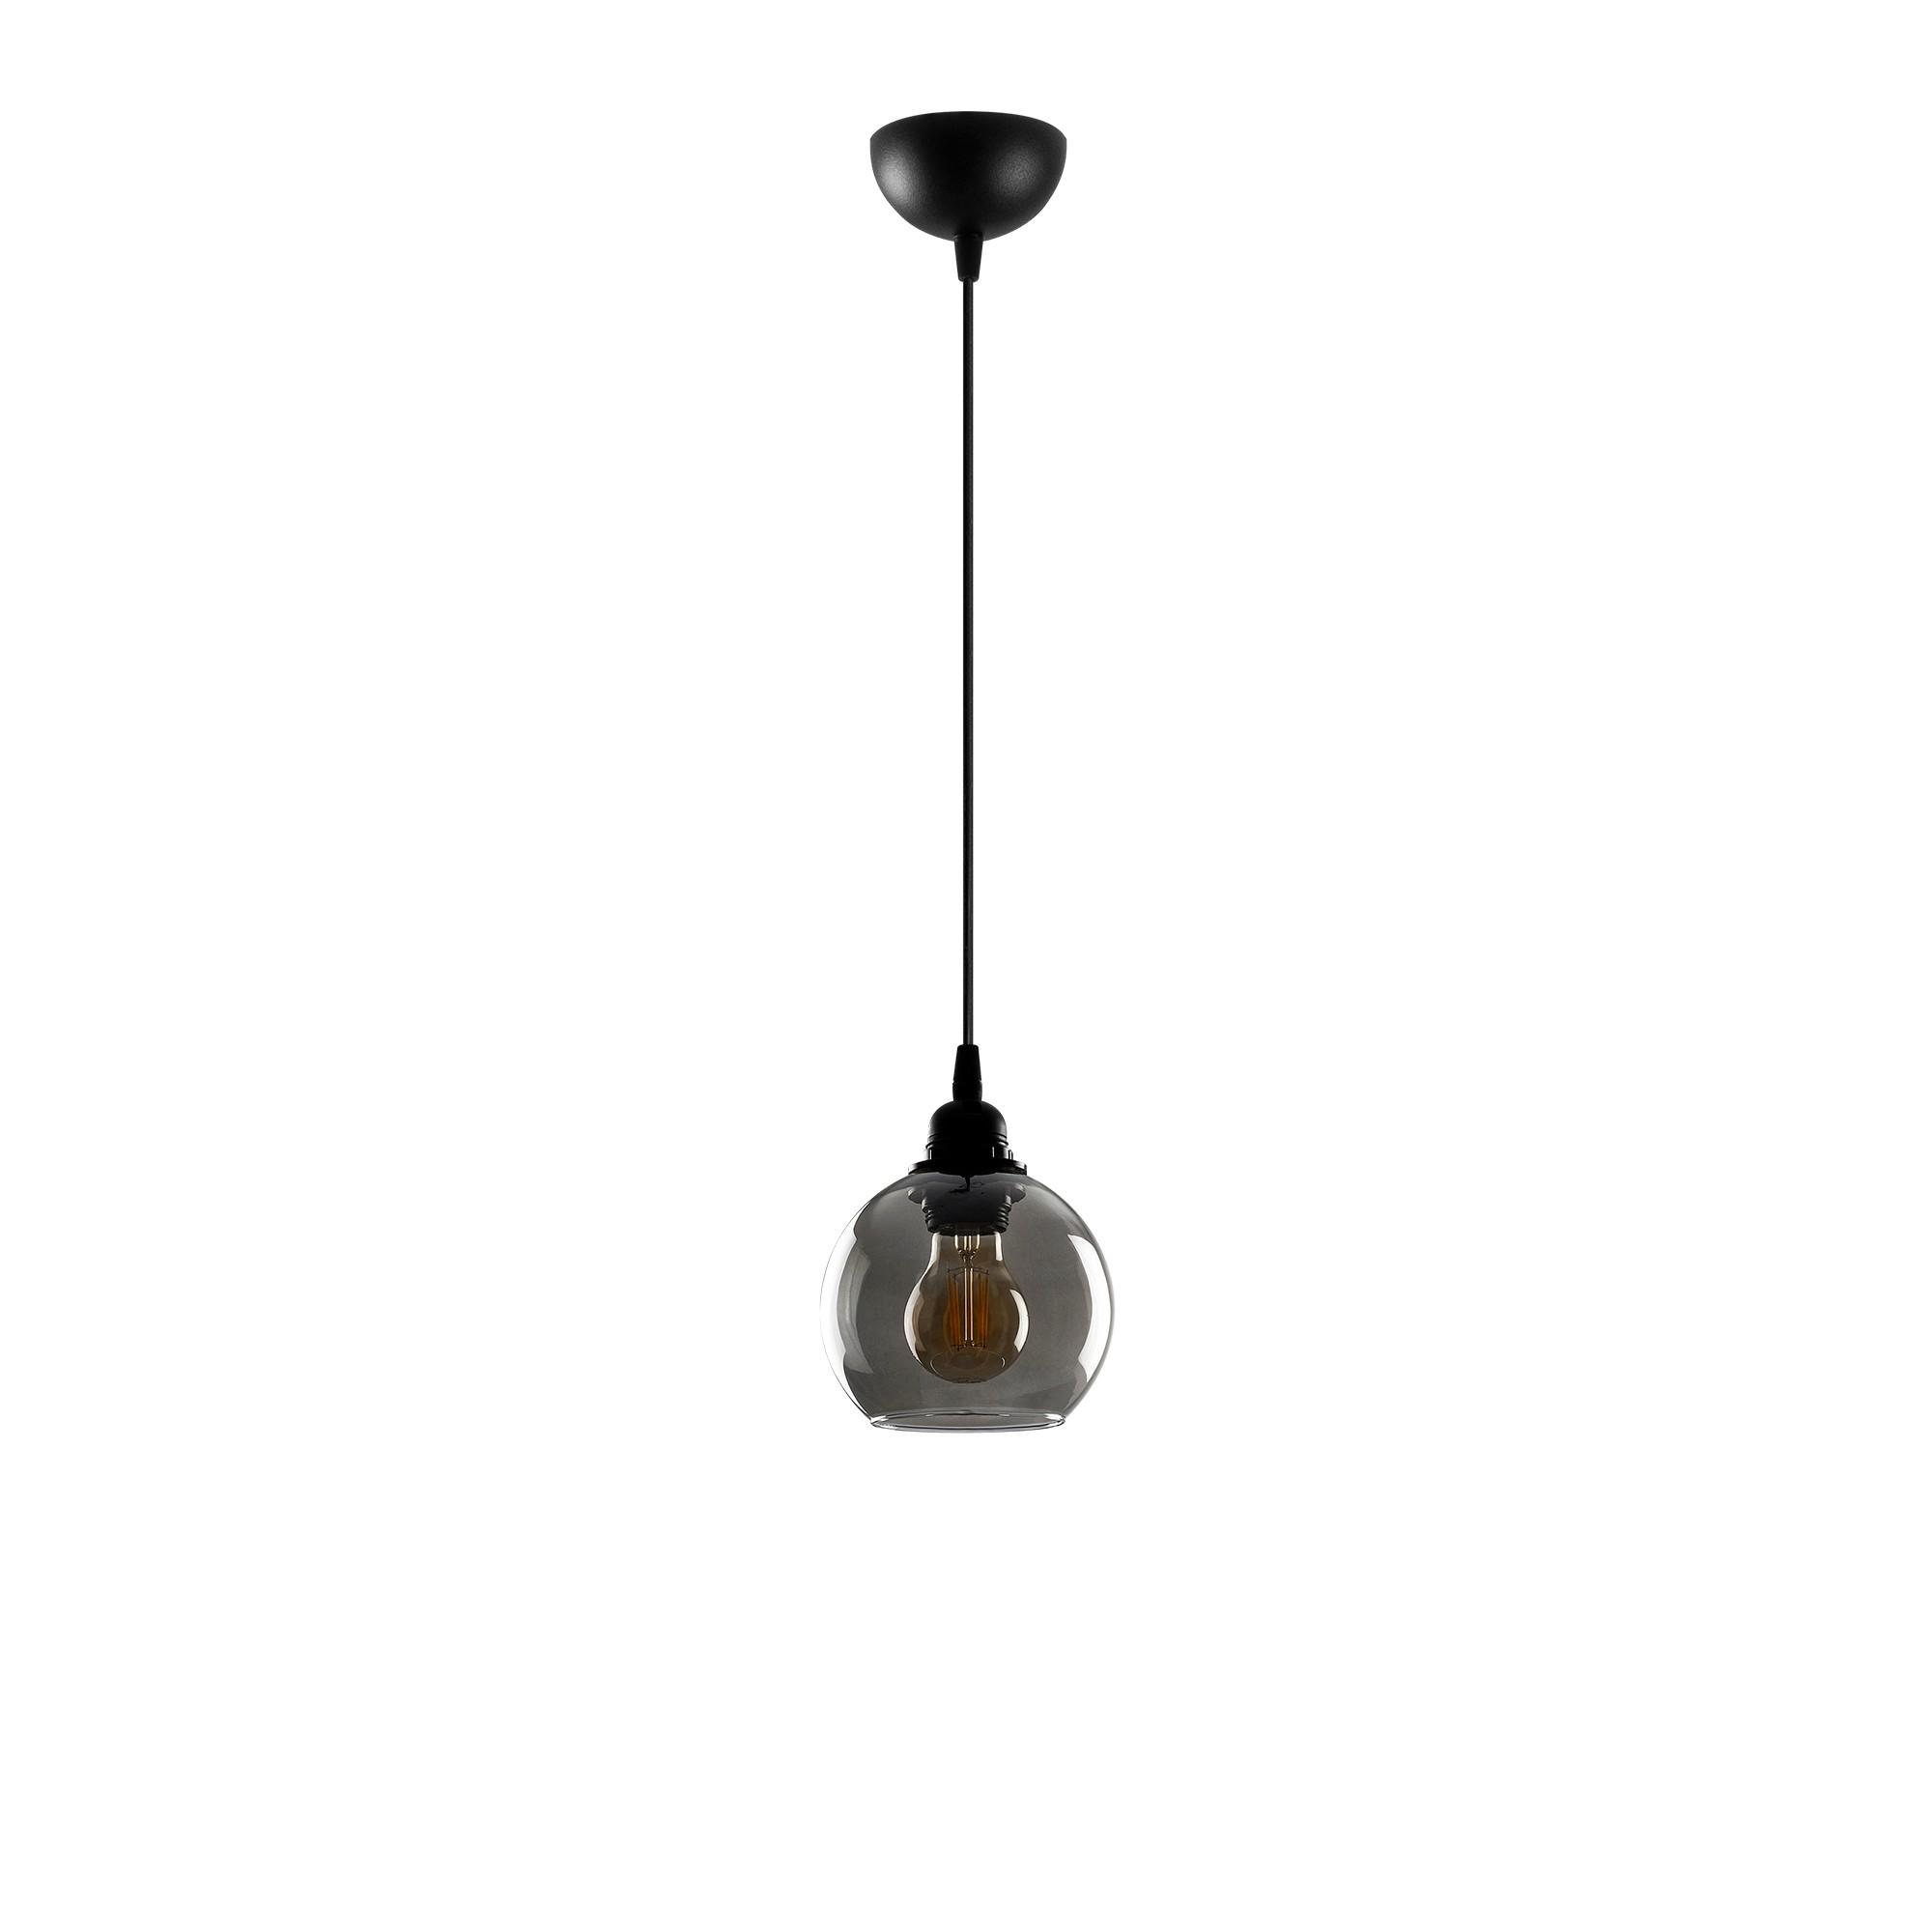 Hanglamp gerookt glas zwart 1 x E27 fitting - vooraanzicht lamp uit